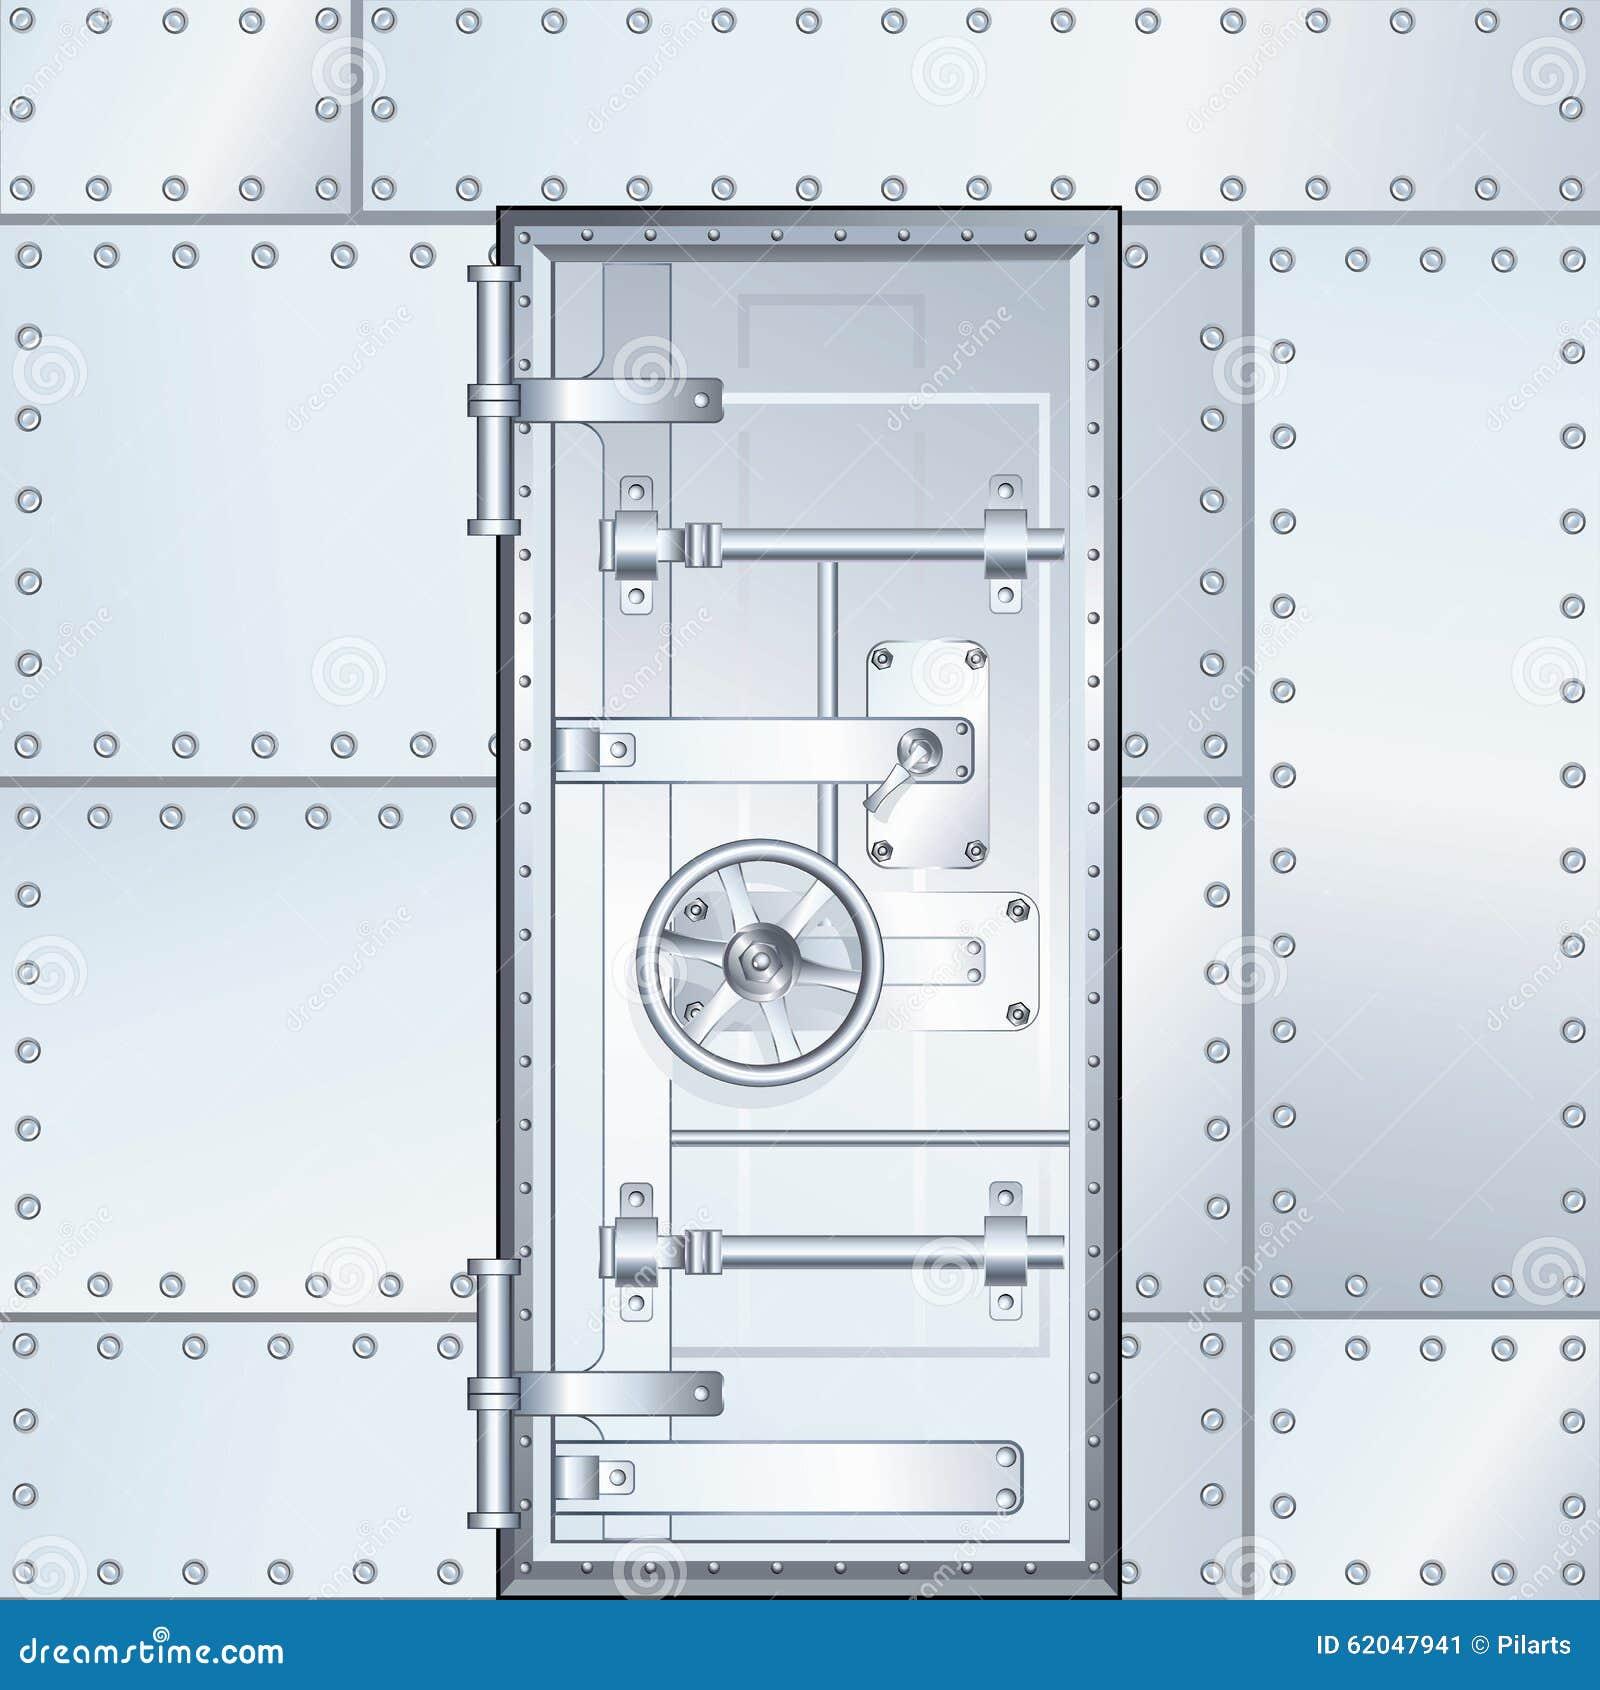 Closed Door Drawing closed bank vault door. vector illustration stock illustration